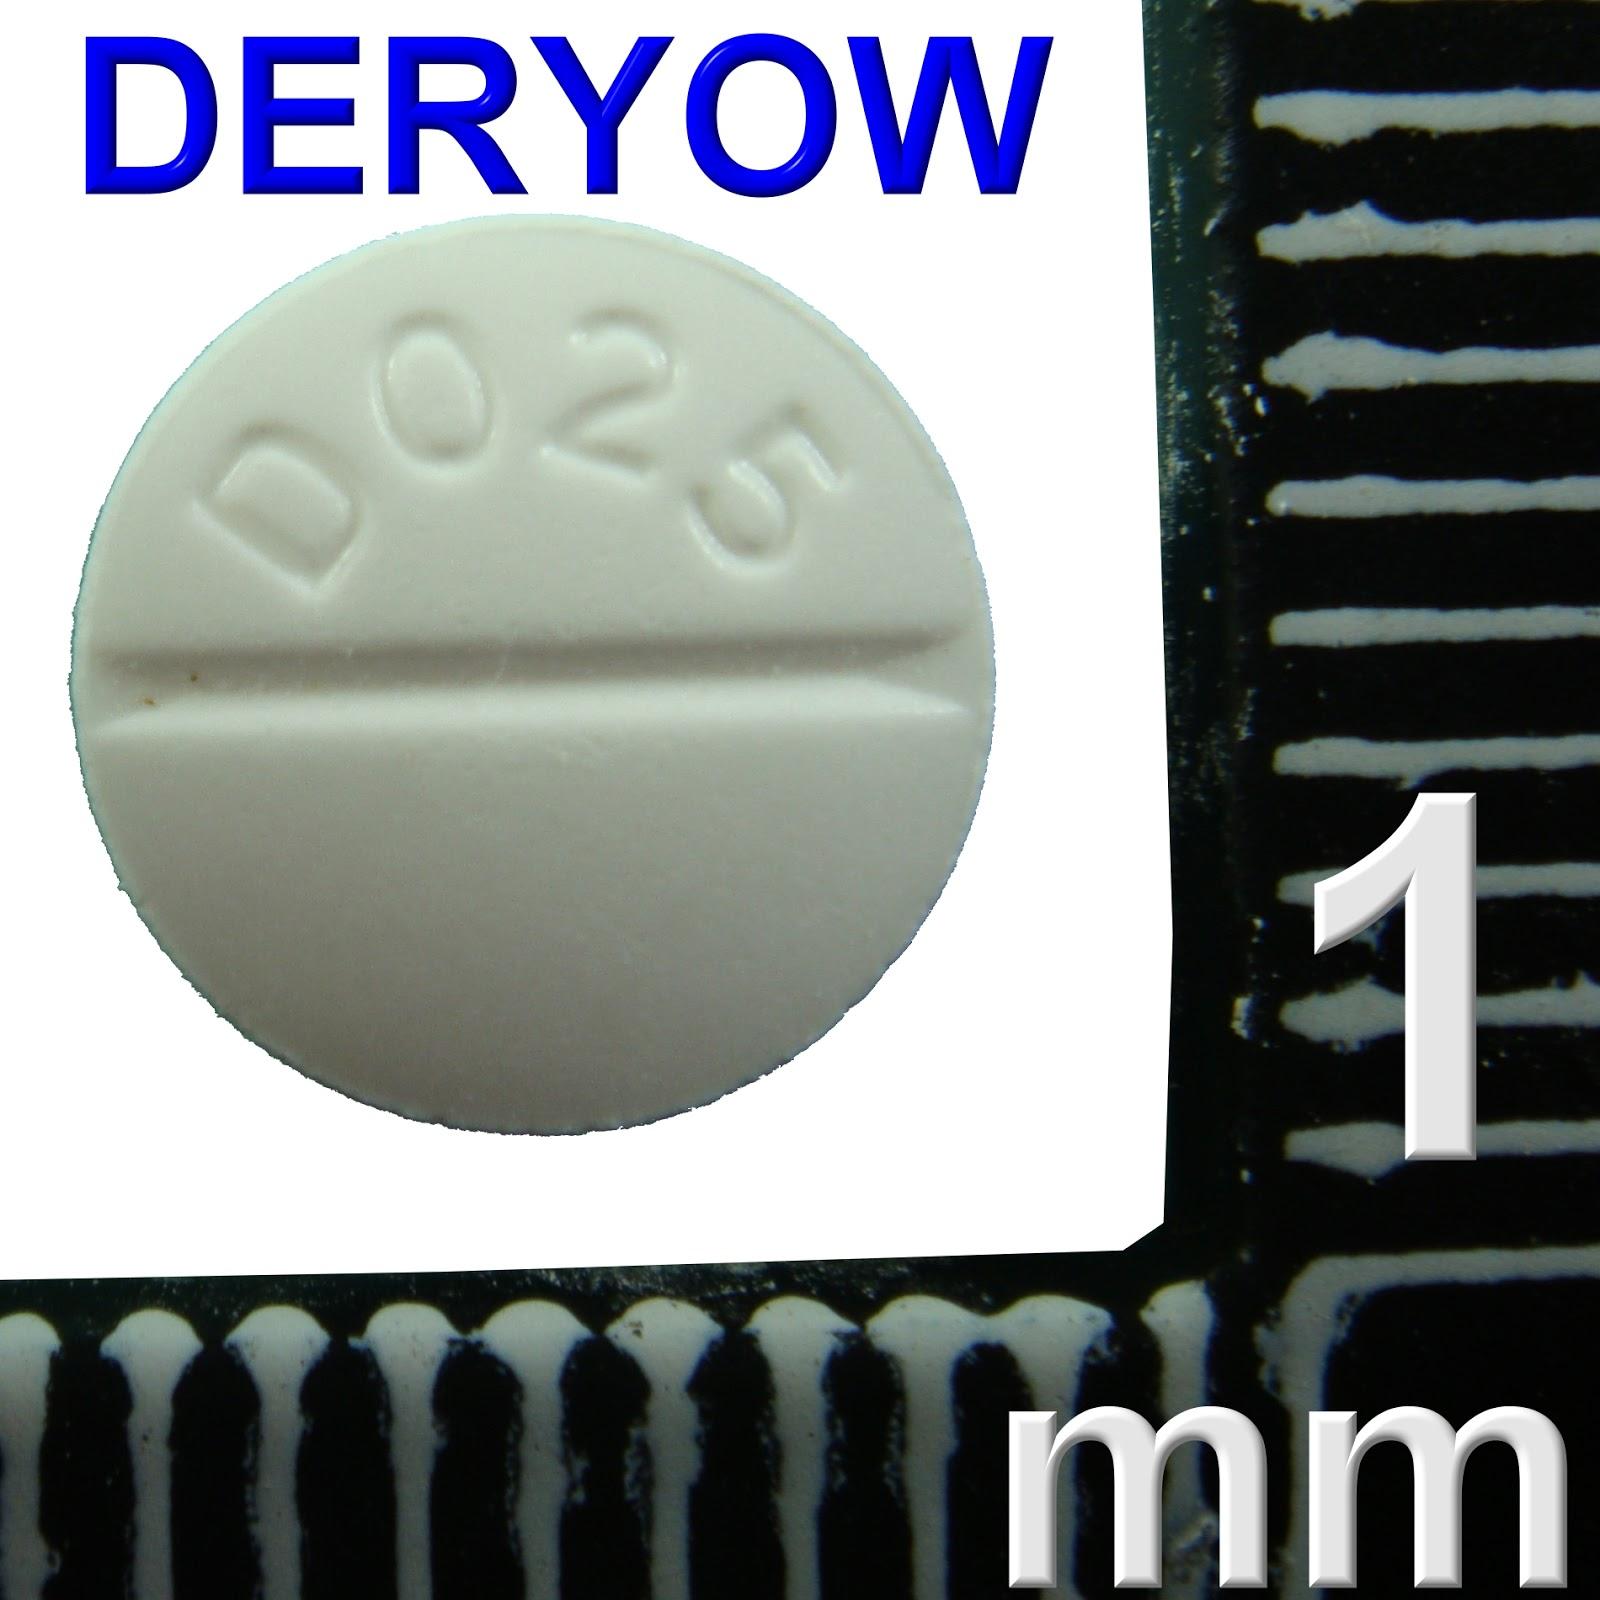 德佑藥局藥袋資訊暨藥品外觀分享: BC09554100 LANOXIN 0.25mg TAB. B.P. DIGOXIN 隆我心錠 圓微凸形白色(D025│) 痕(A1)